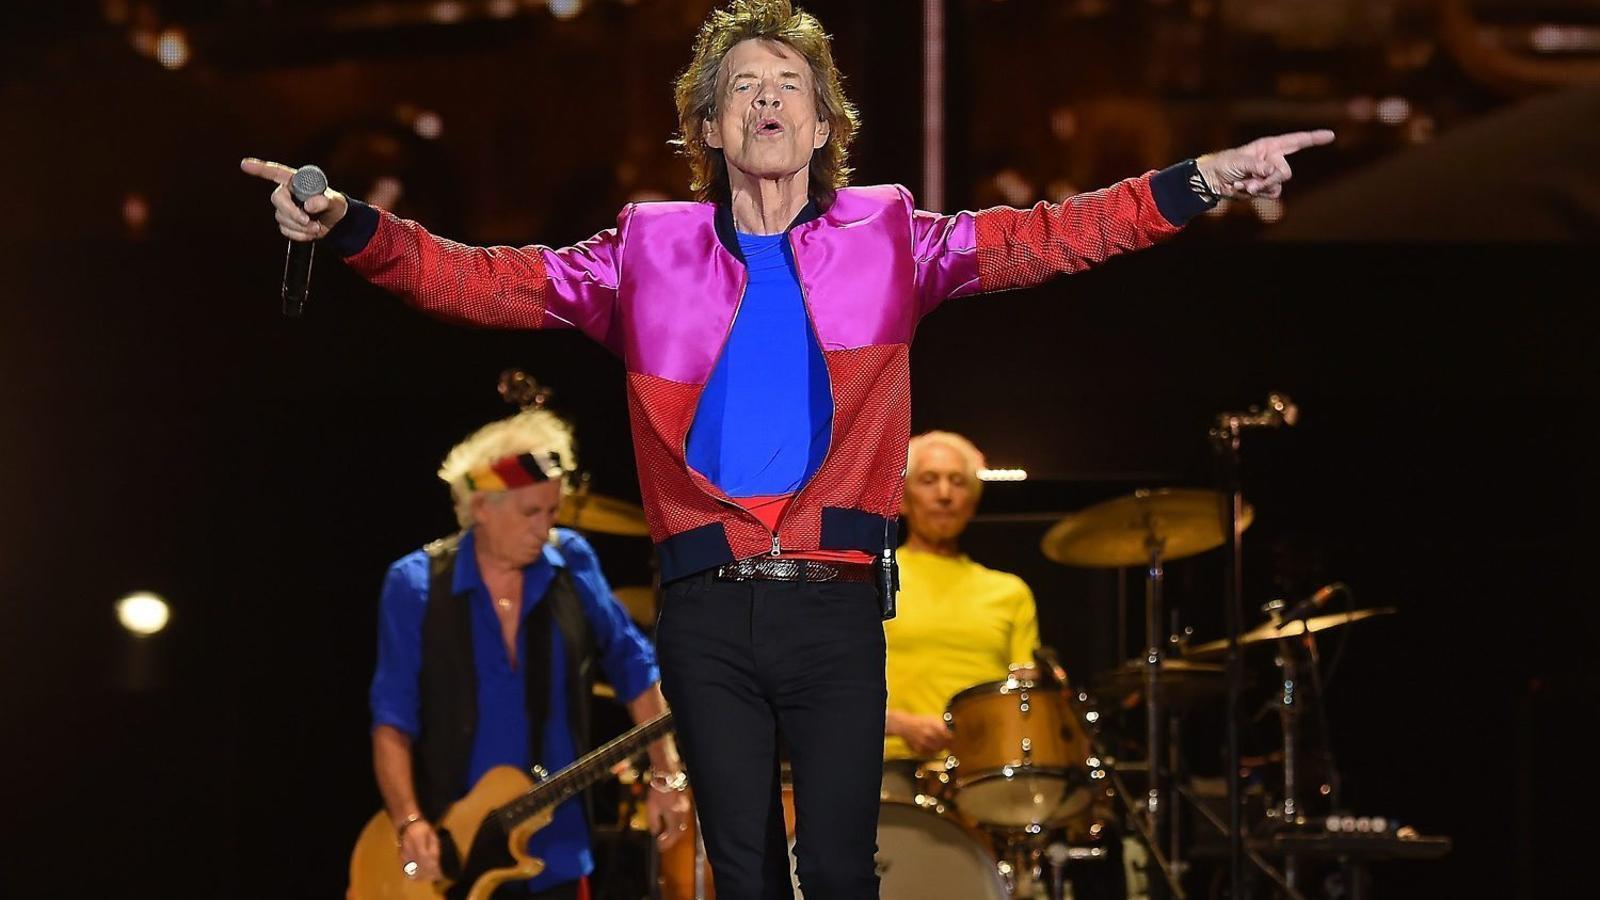 Mick Jagger, pare per vuitè cop als 73 anys